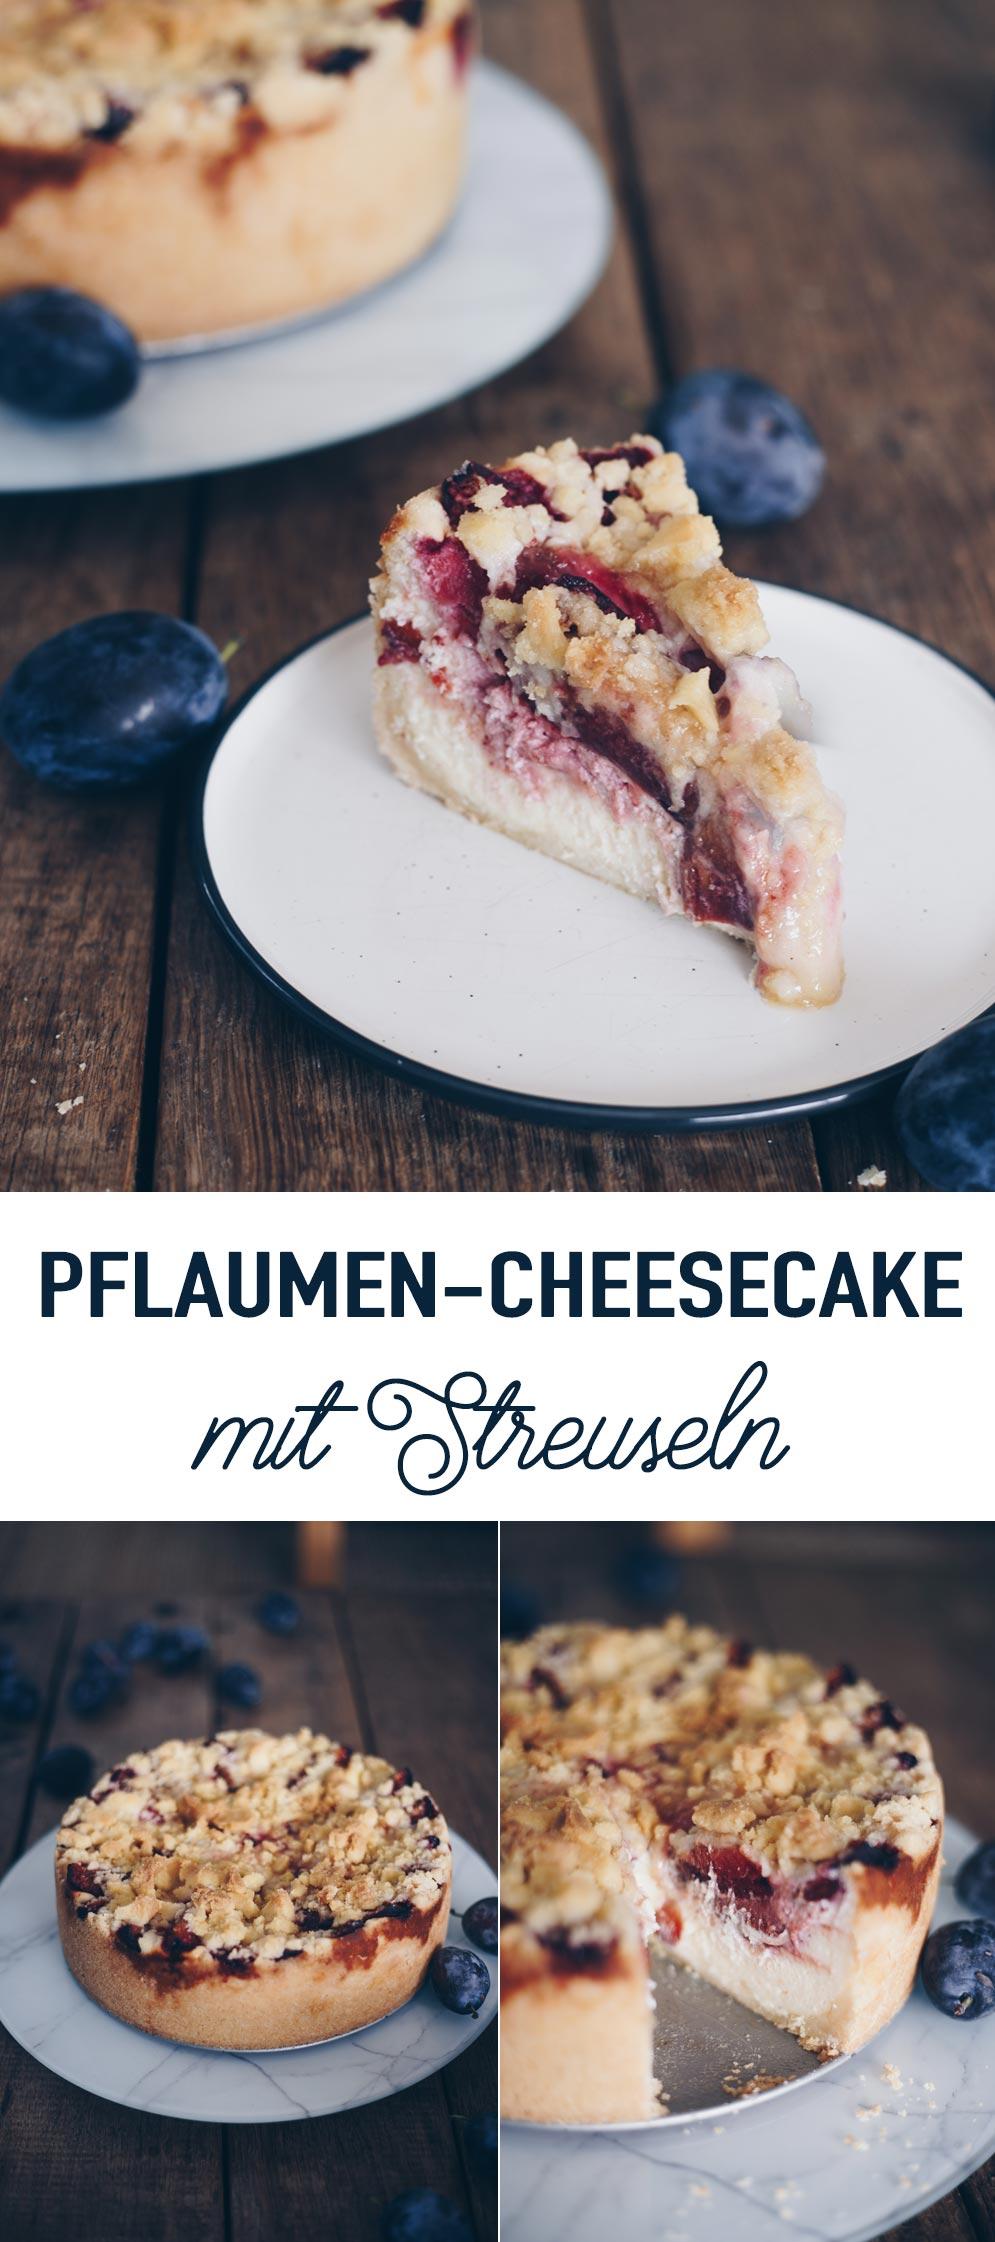 Pflaumen-Cheesecake mit Streuseln backen - einfaches Rezept